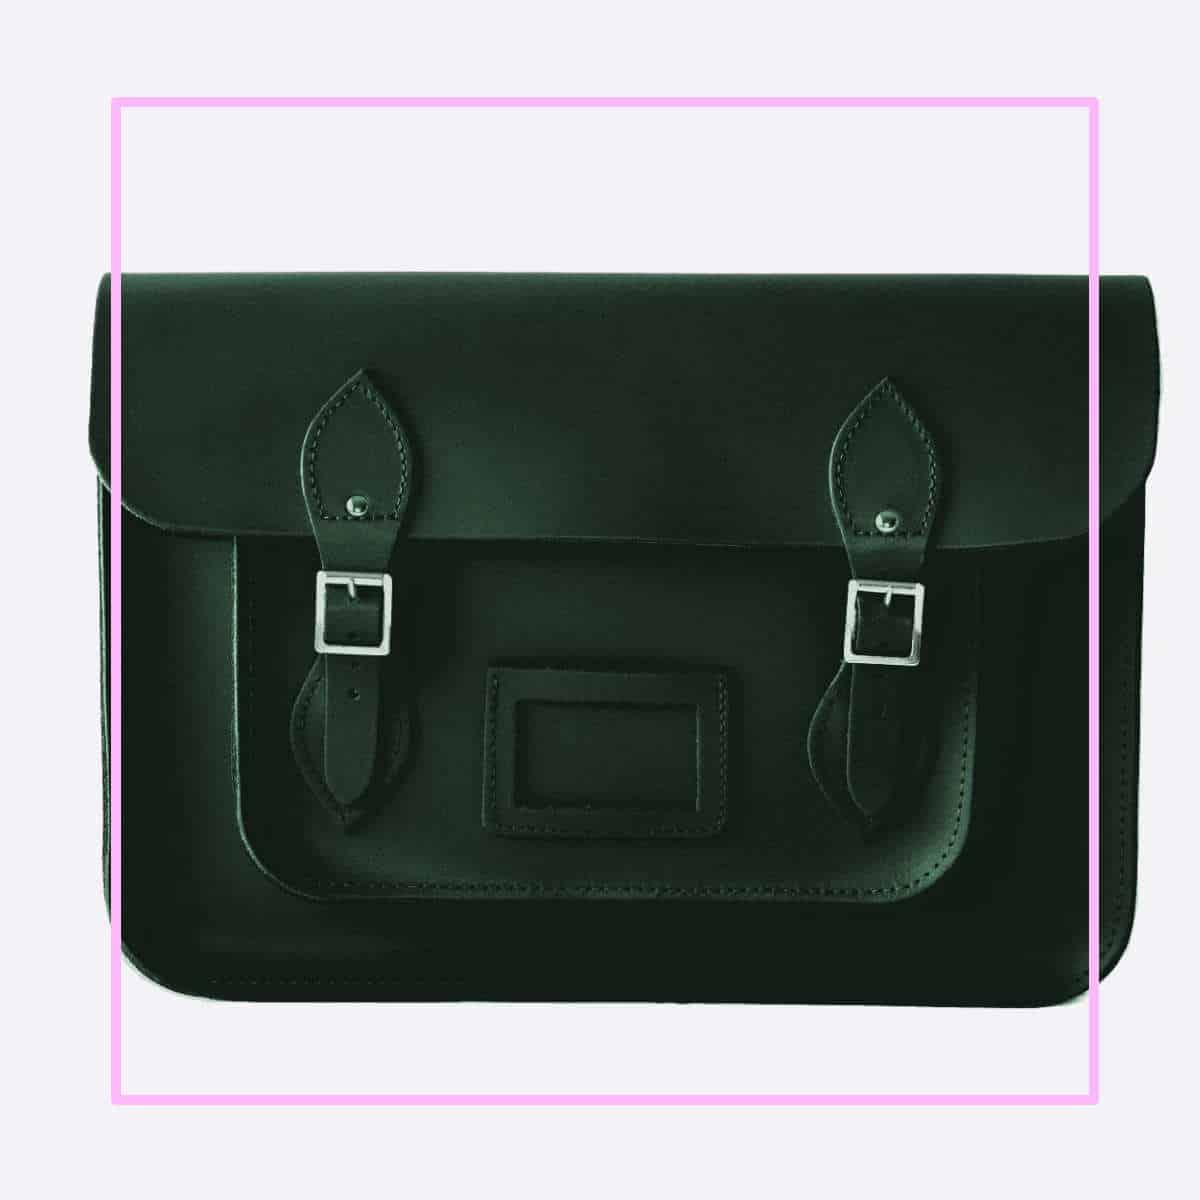 green satchel pink frame